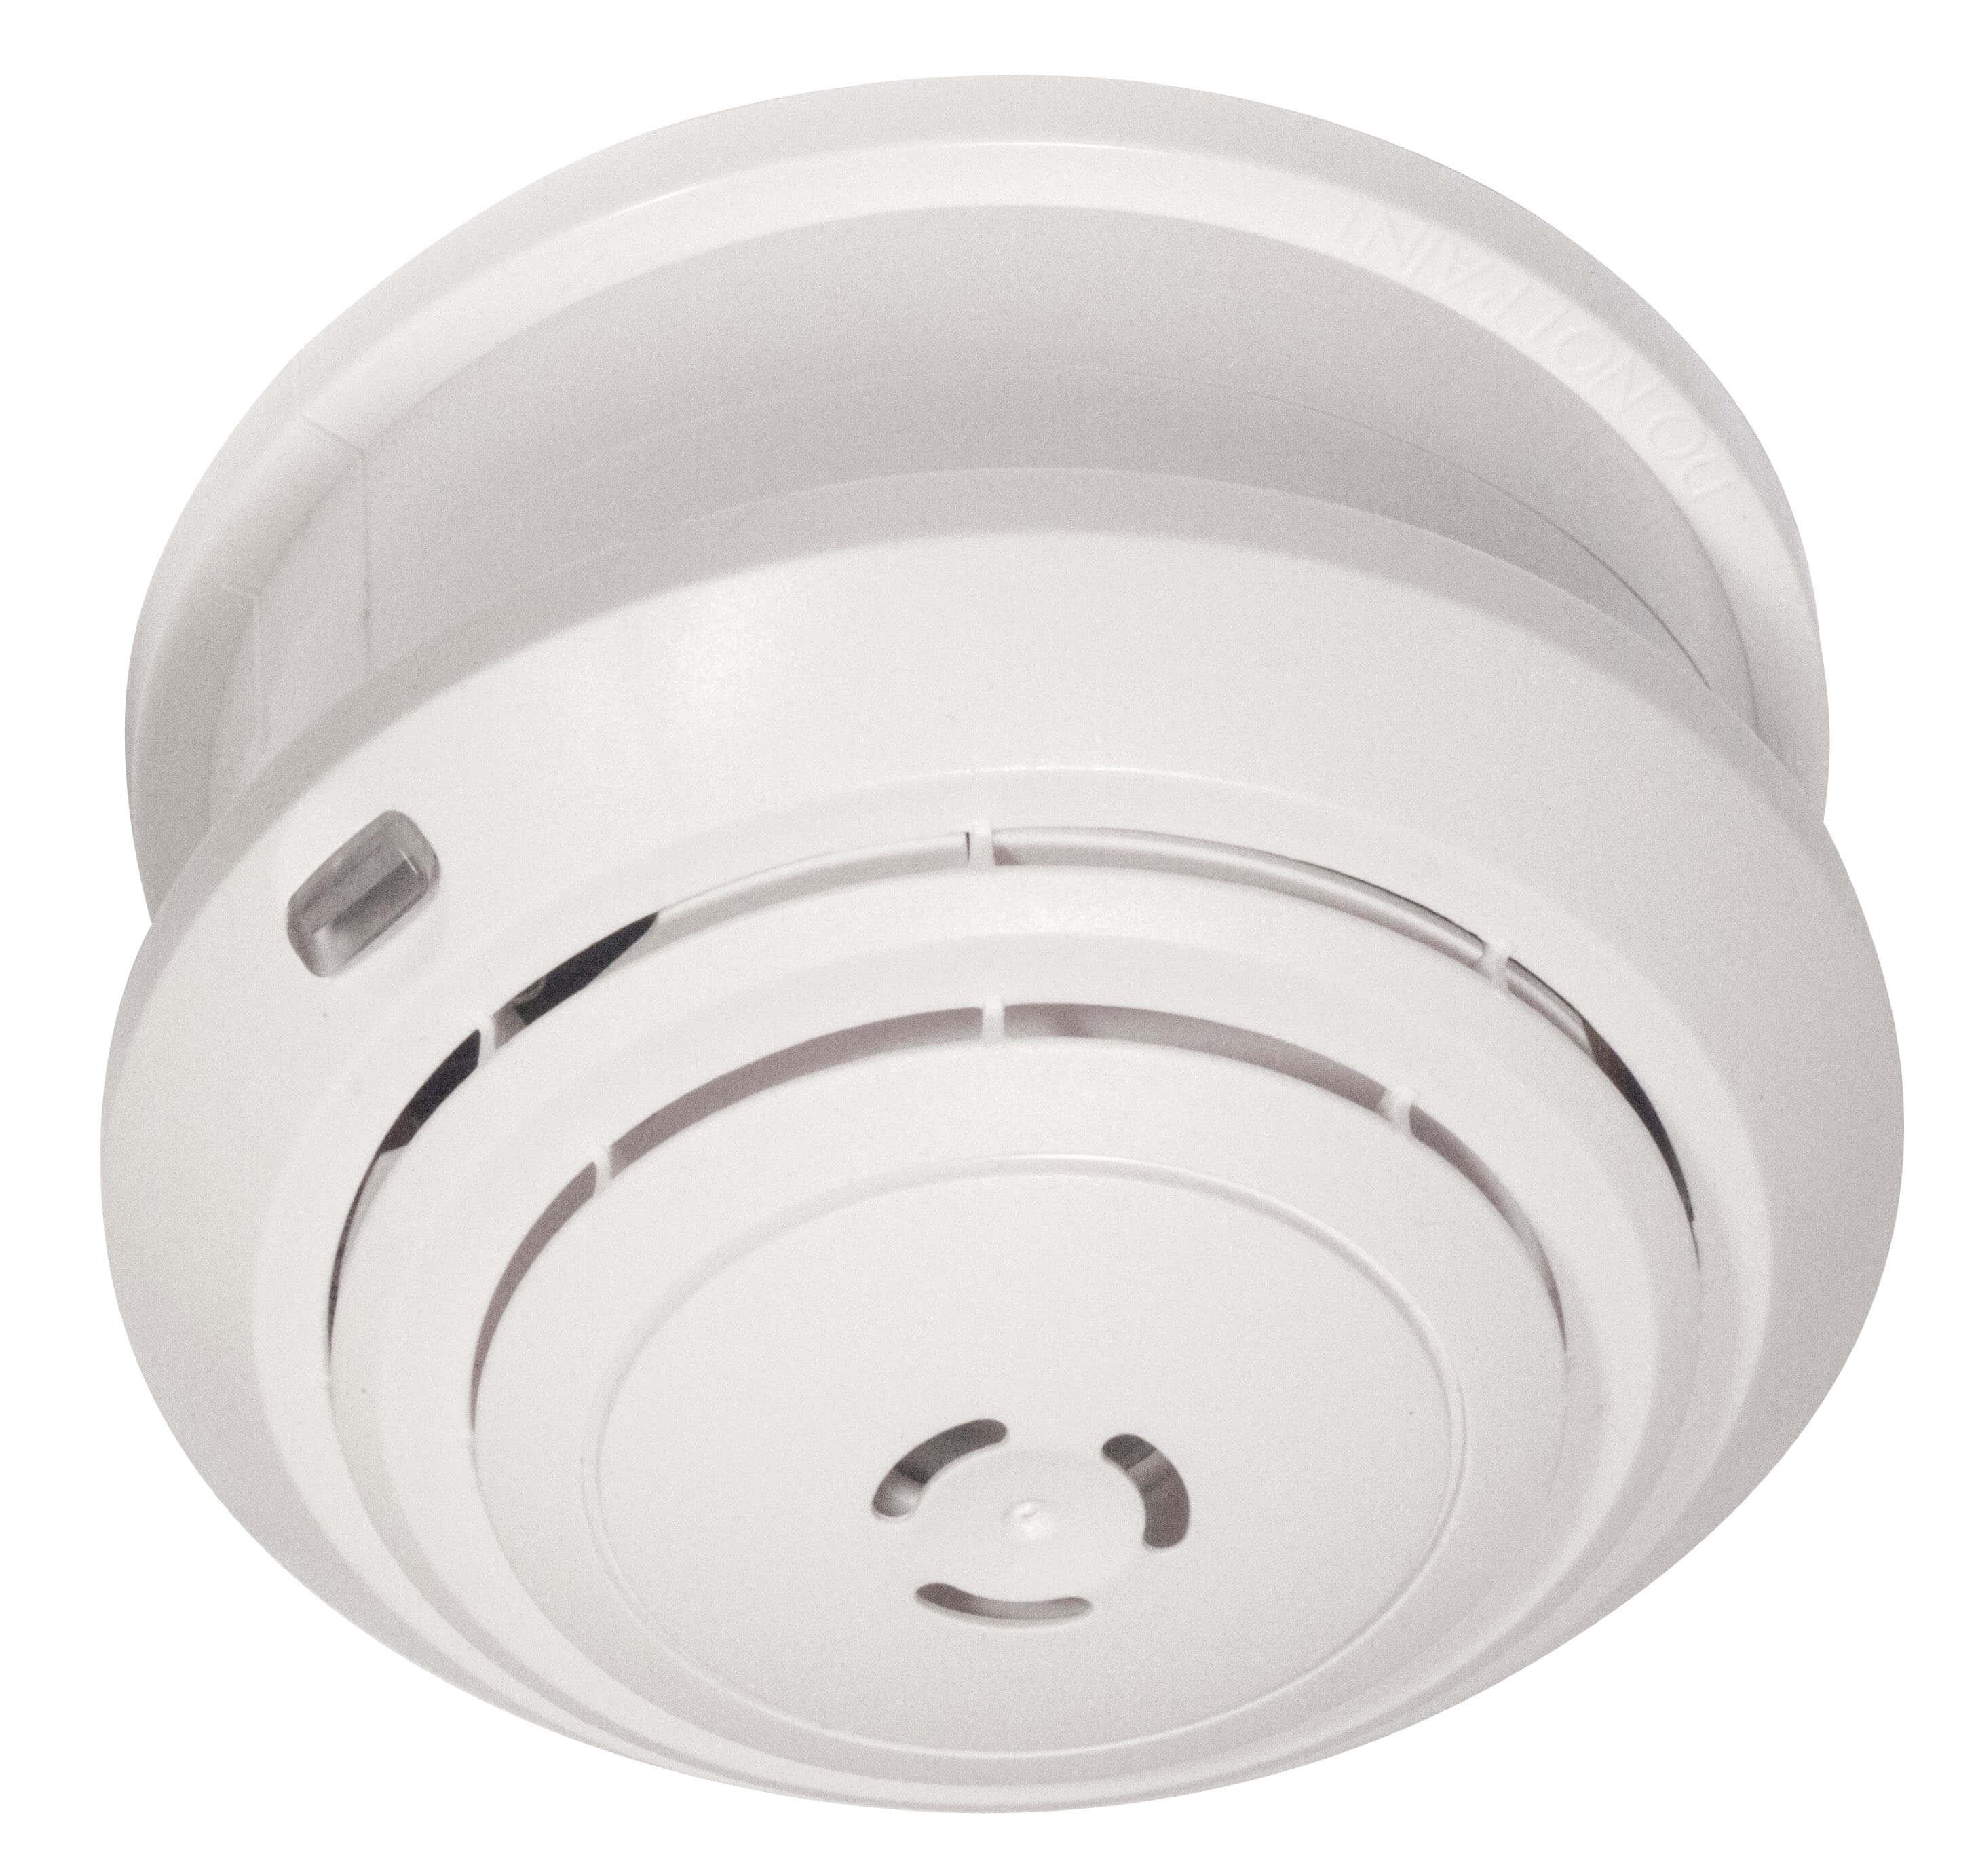 DuoFern Rauchwarnmelder 9481 - Funkfähiger Sensor für den Brandschutz